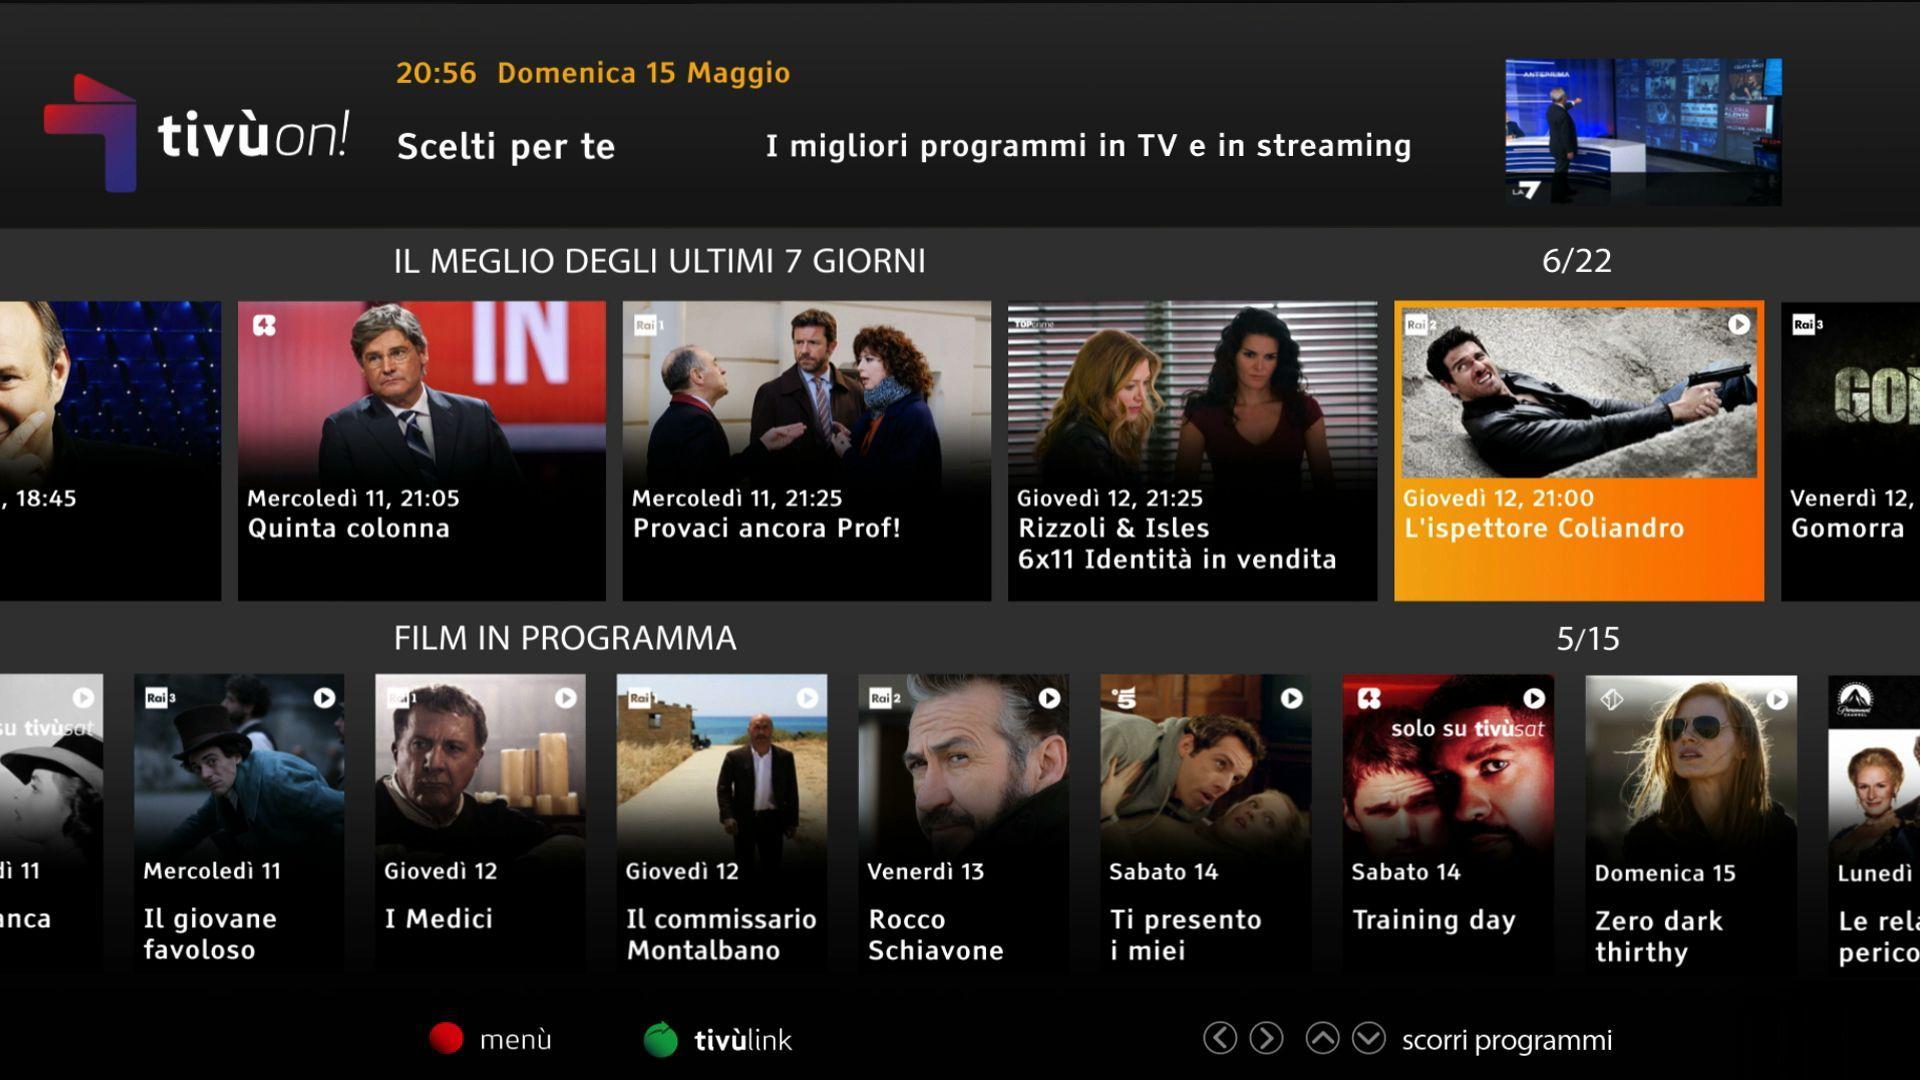 Tivùsat, la tv satellitare gratis e accessibile a tutti: le novità per gli amanti del piccolo schermo